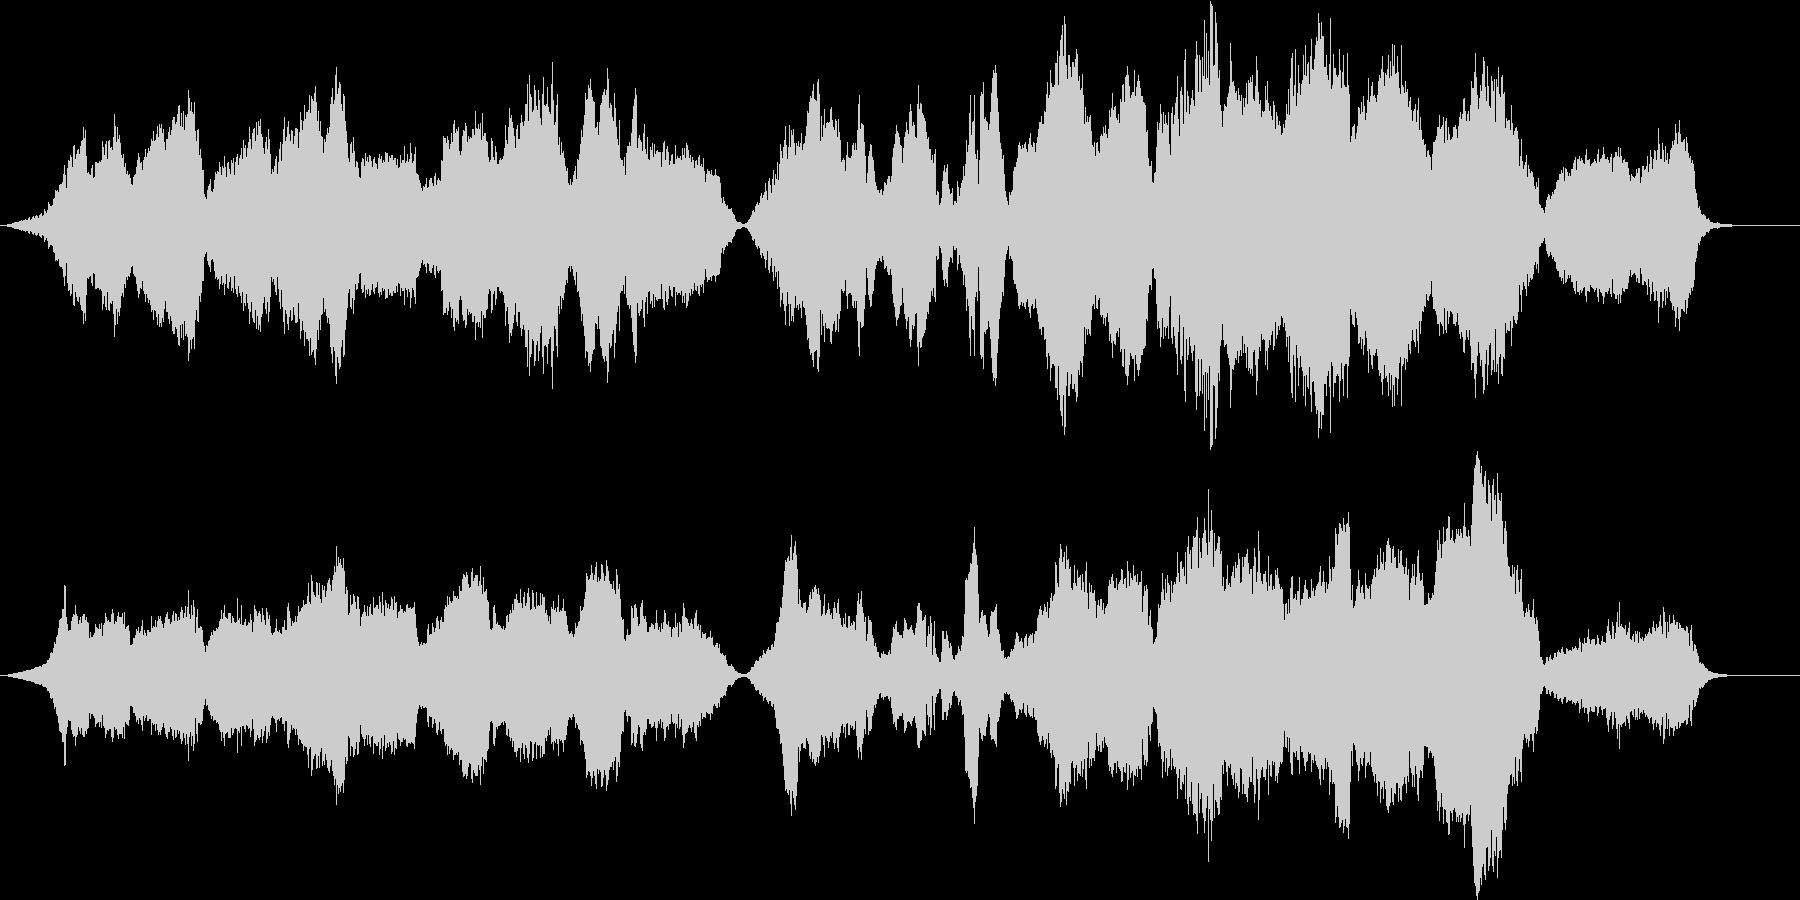 悲壮感と希望の弦楽四重奏・バイオリンソロの未再生の波形